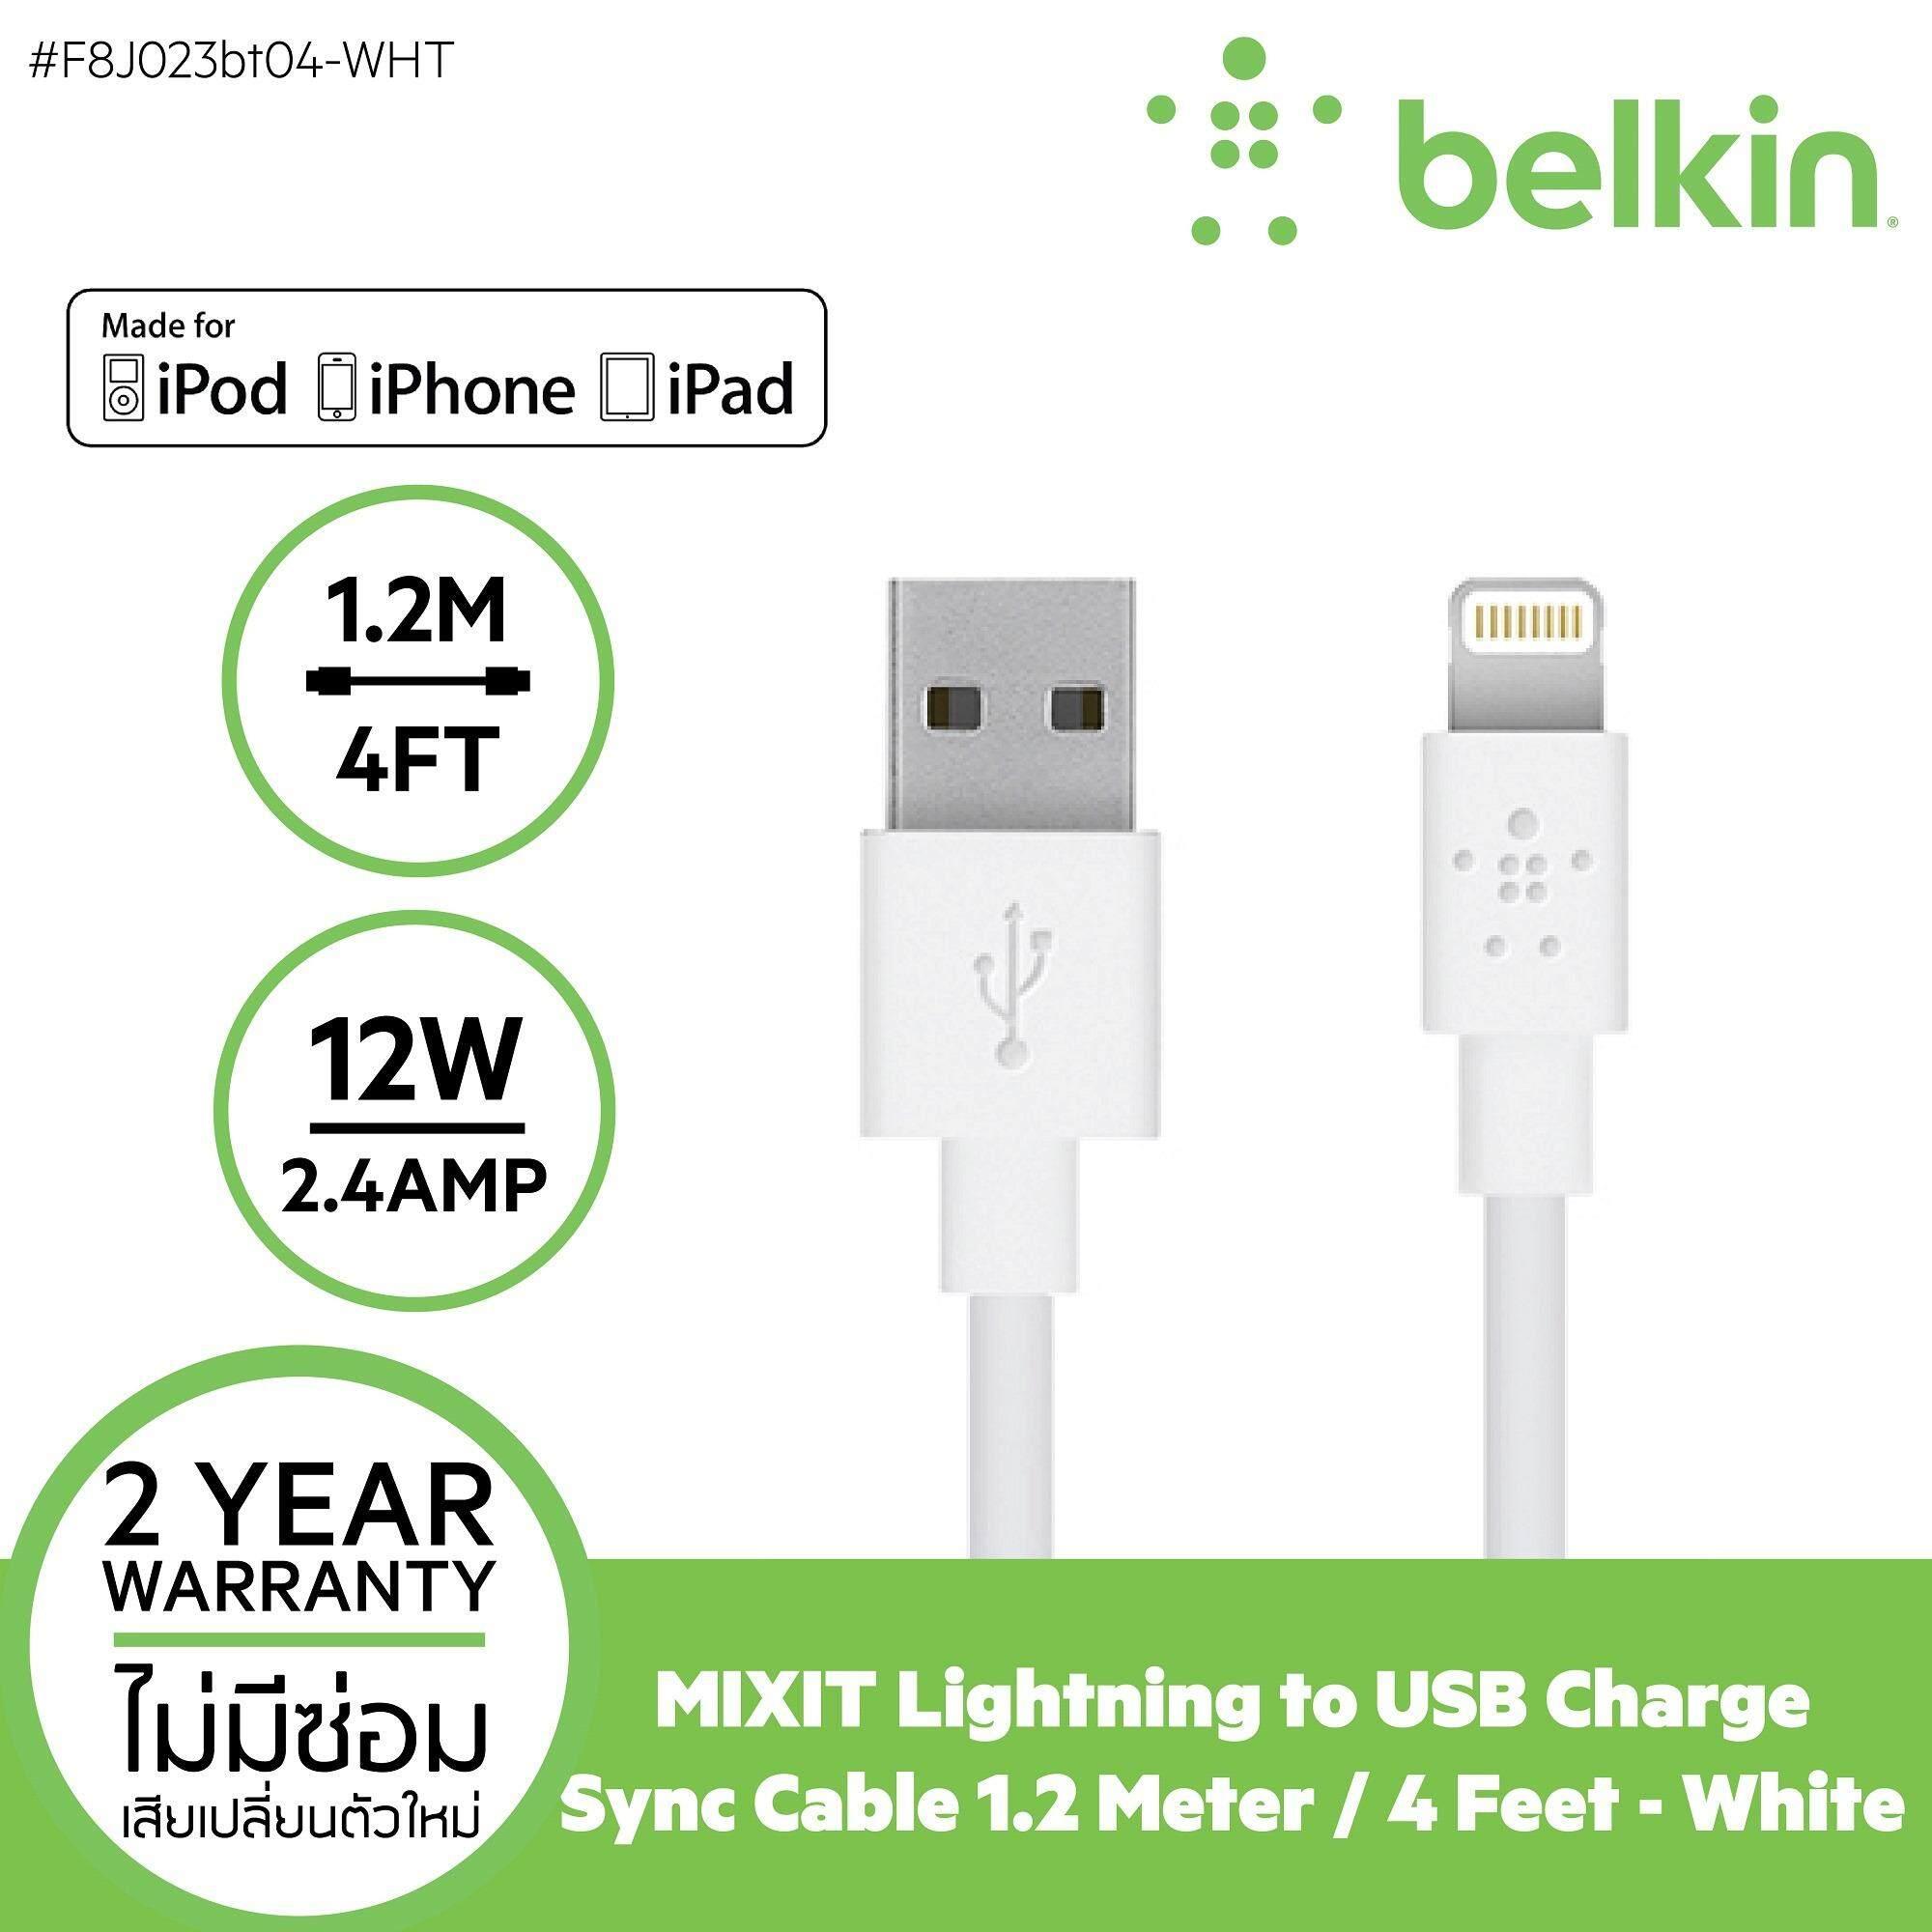 ราคา Belkinสายชาร์จไอโฟน ไอแพด 1 2 เมตร รุ่น Belkin Lightning Chargesync Cable F8J023Bt04 Wht ใหม่